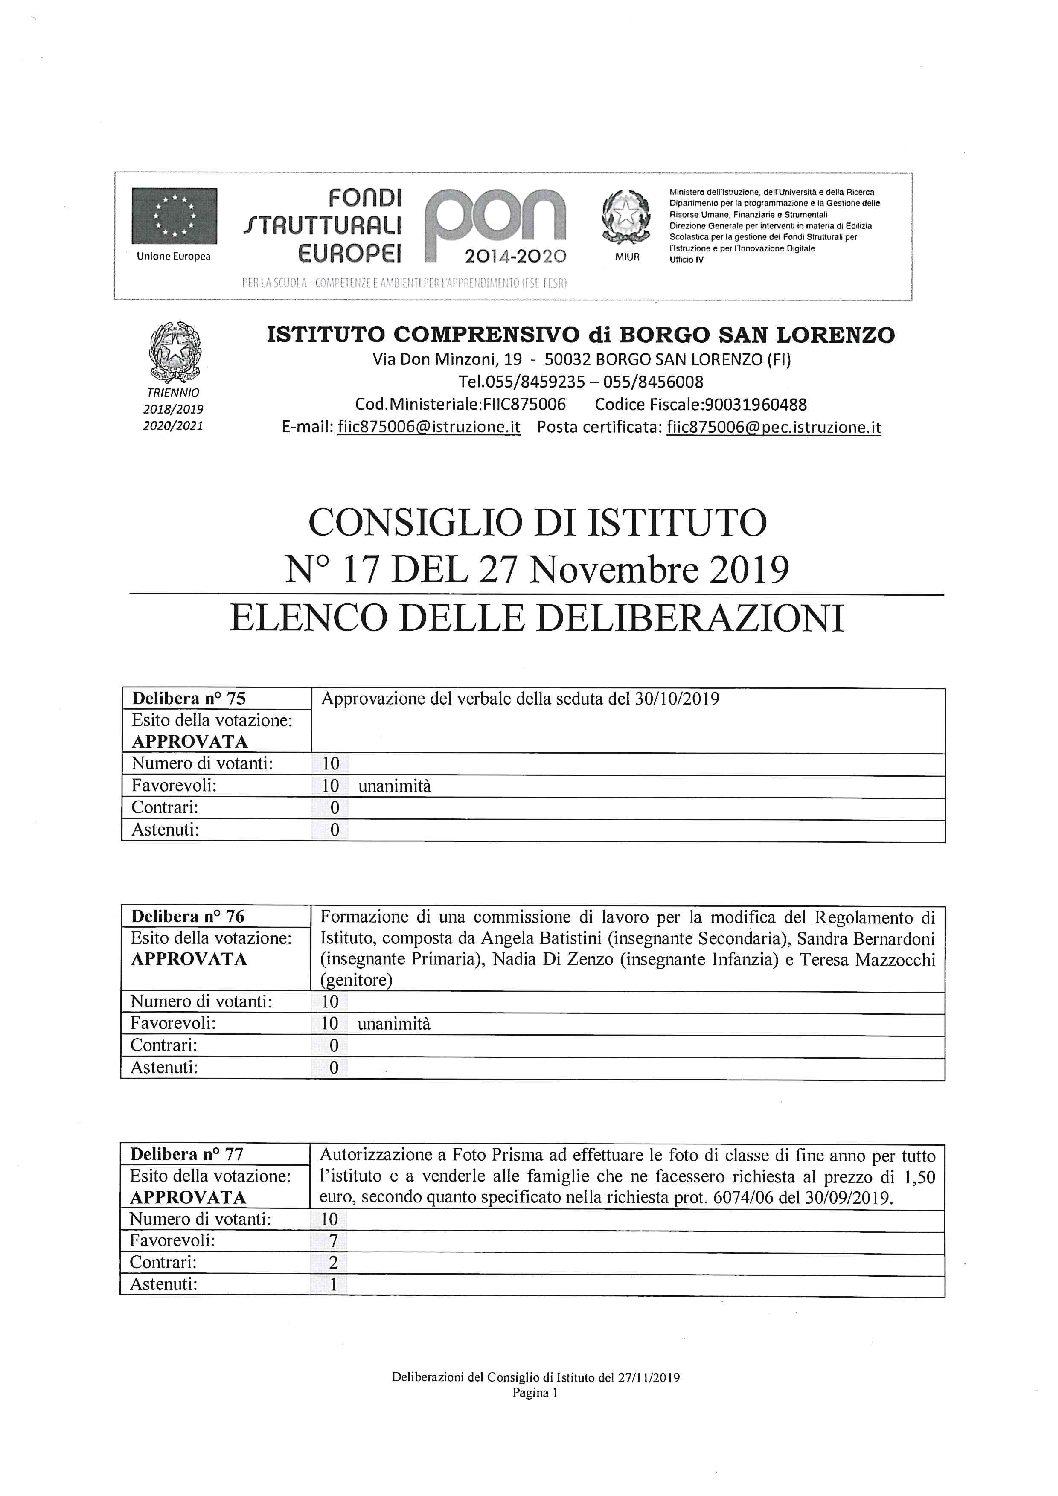 ELENCO DELLE DELIBERAZIONI DEL CONSIGLIO DI ISTITUTO N.17 DEL 27 NOVEMBRE 2019